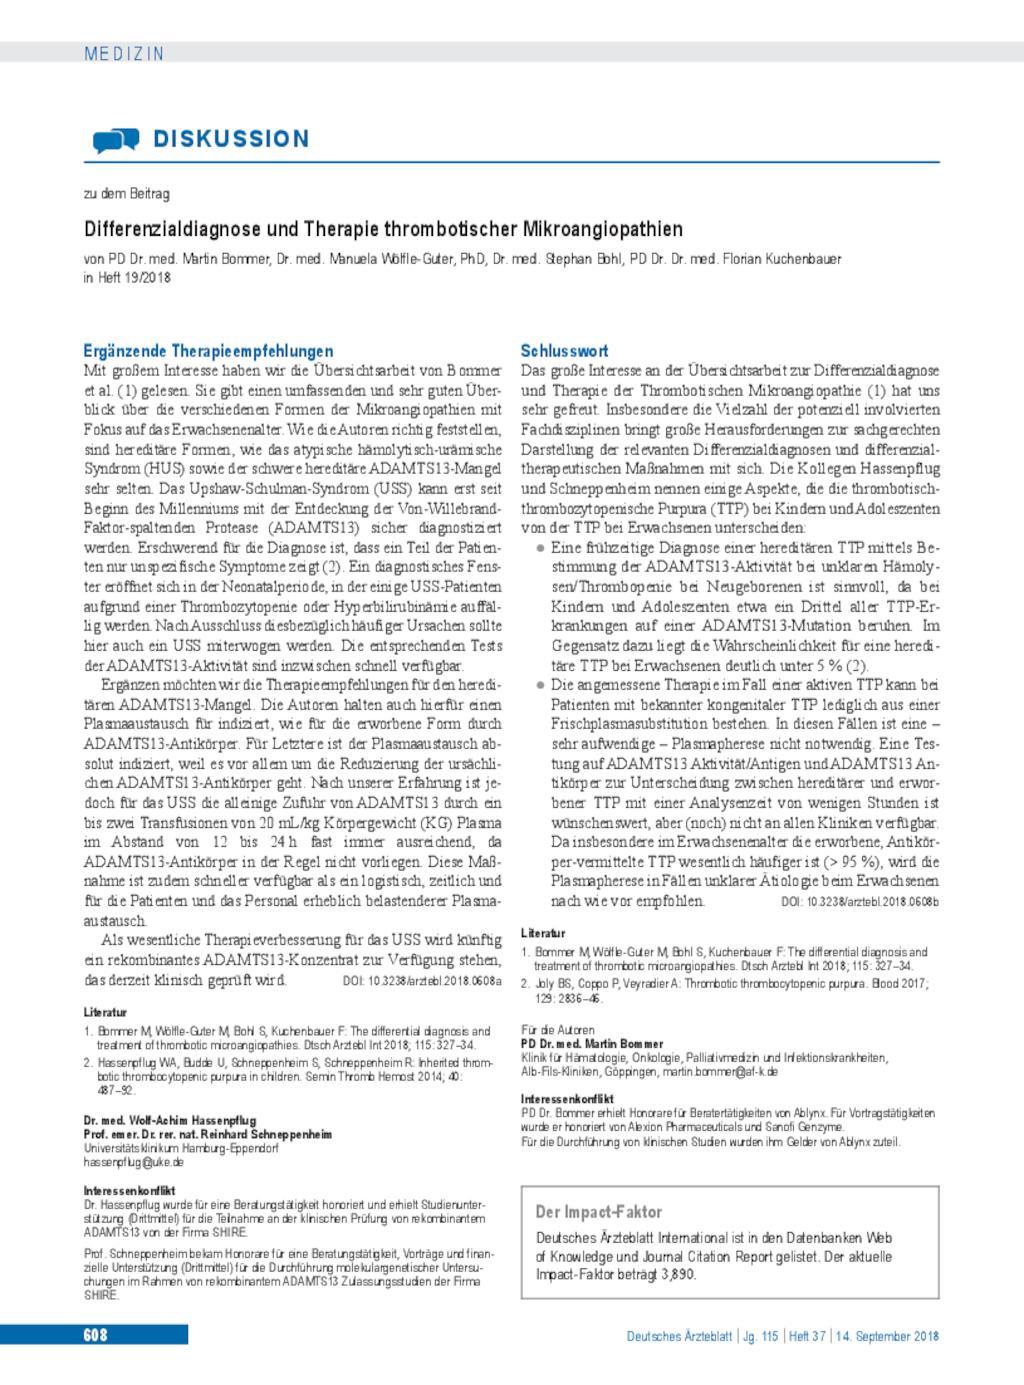 Ergänzende Therapieempfehlungen